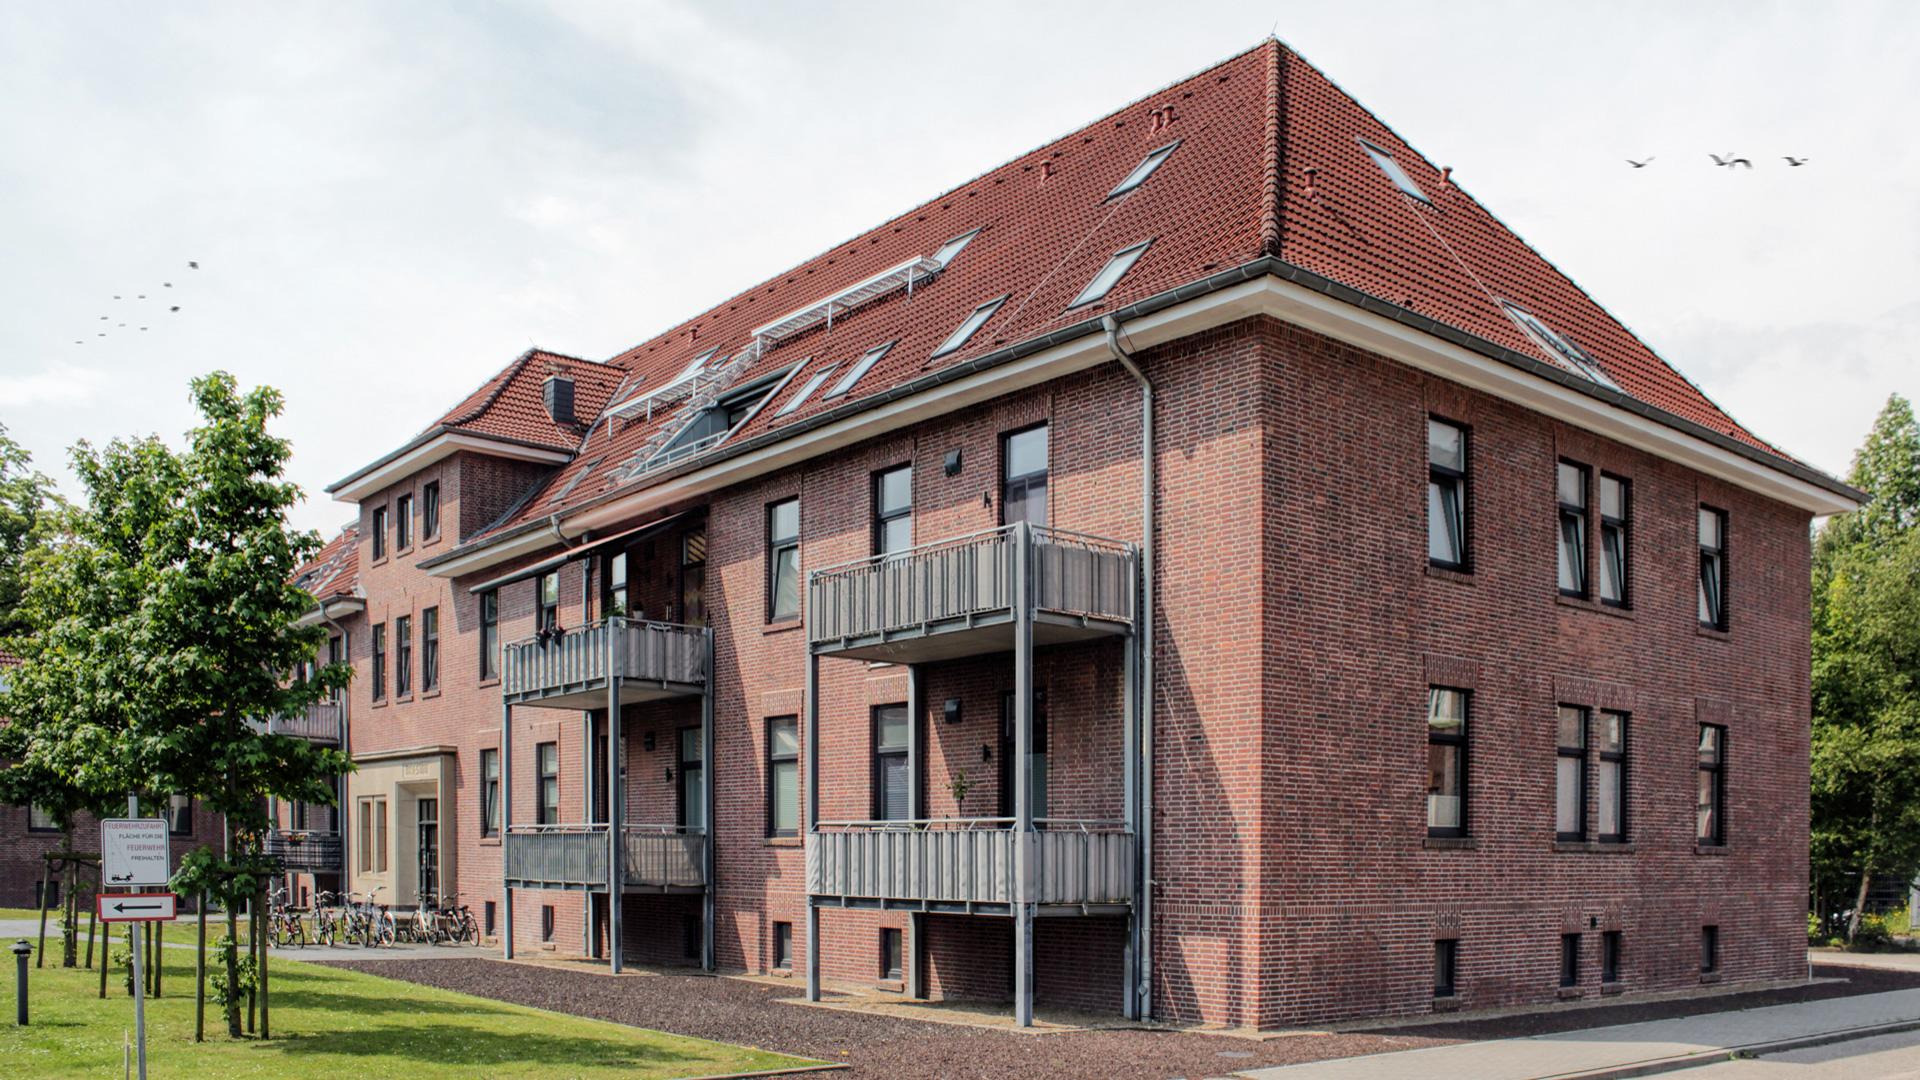 Umbau/Sanierung - Wohnungen Kaserne - Emden - 2013/2014